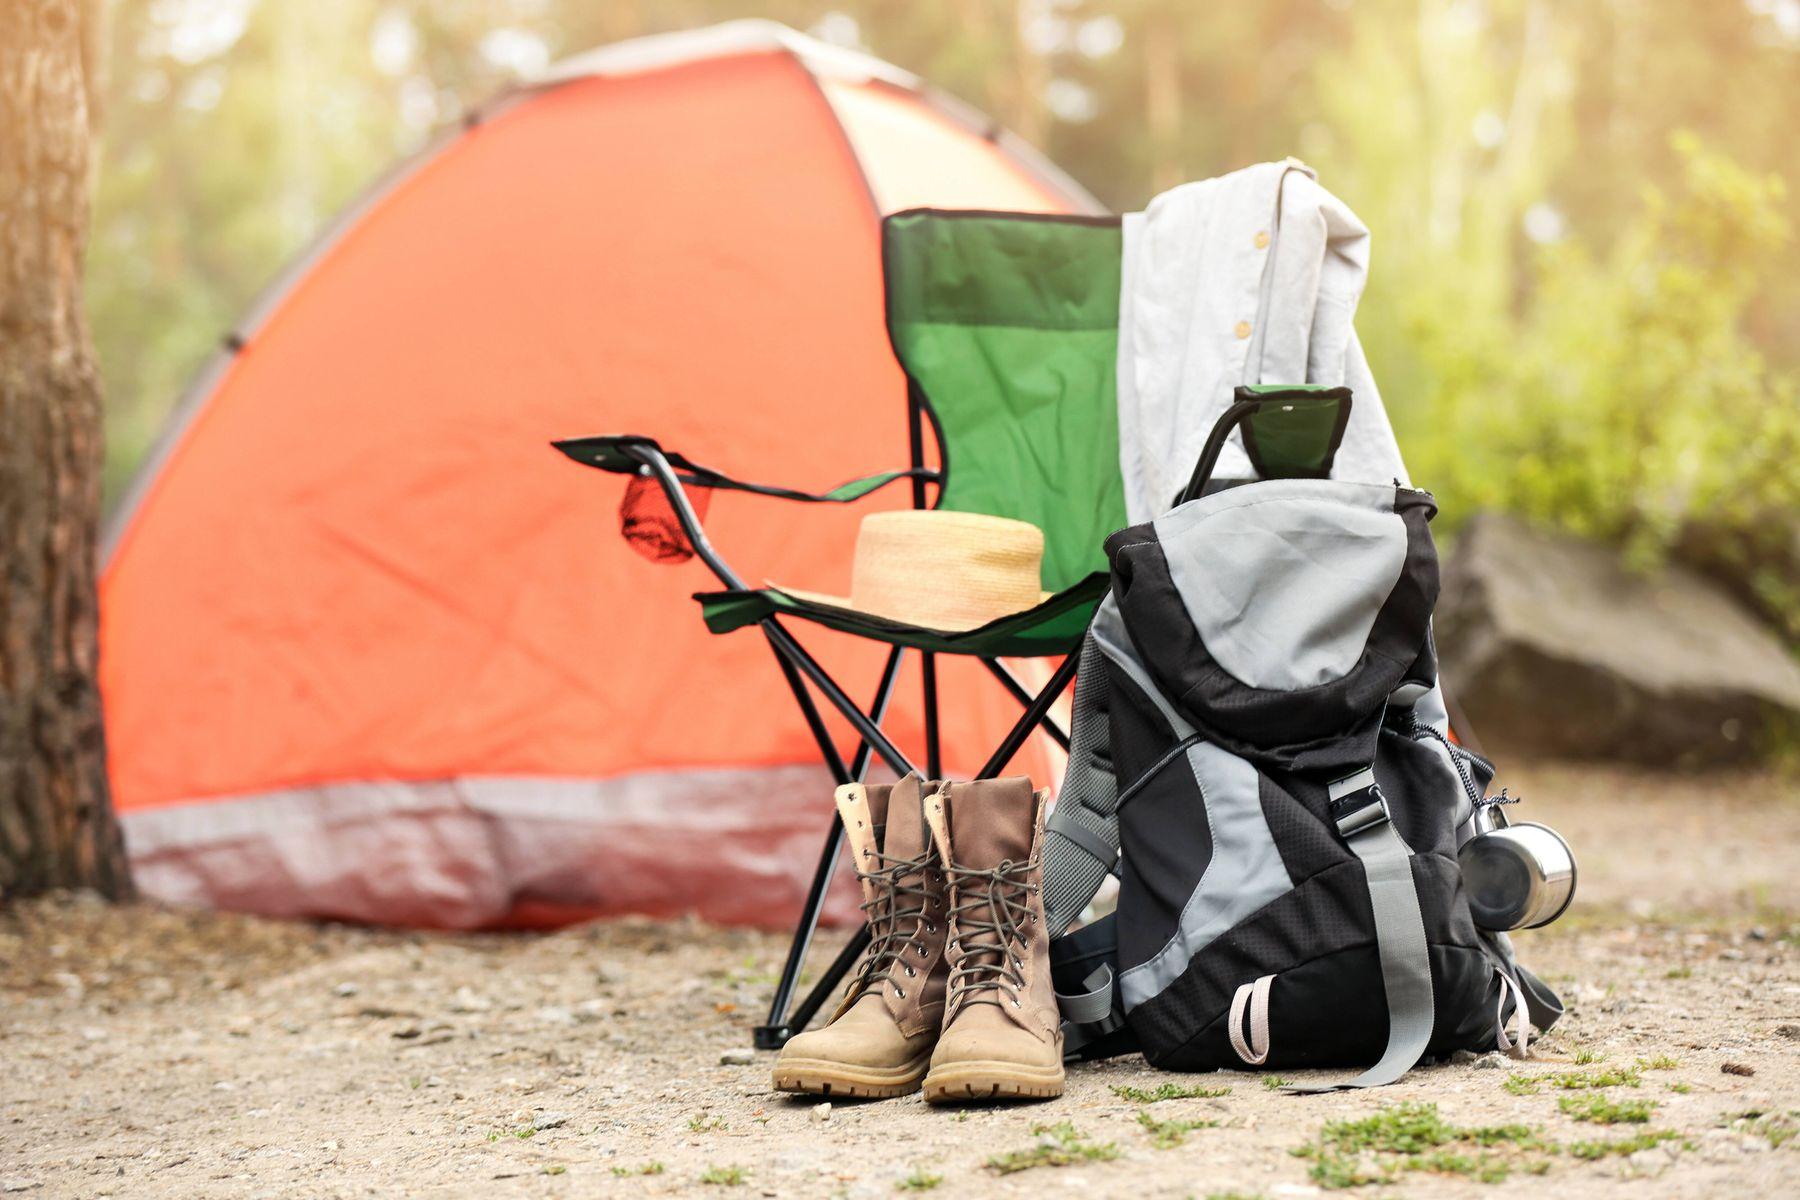 tenda, sedia da campeggio e zaino